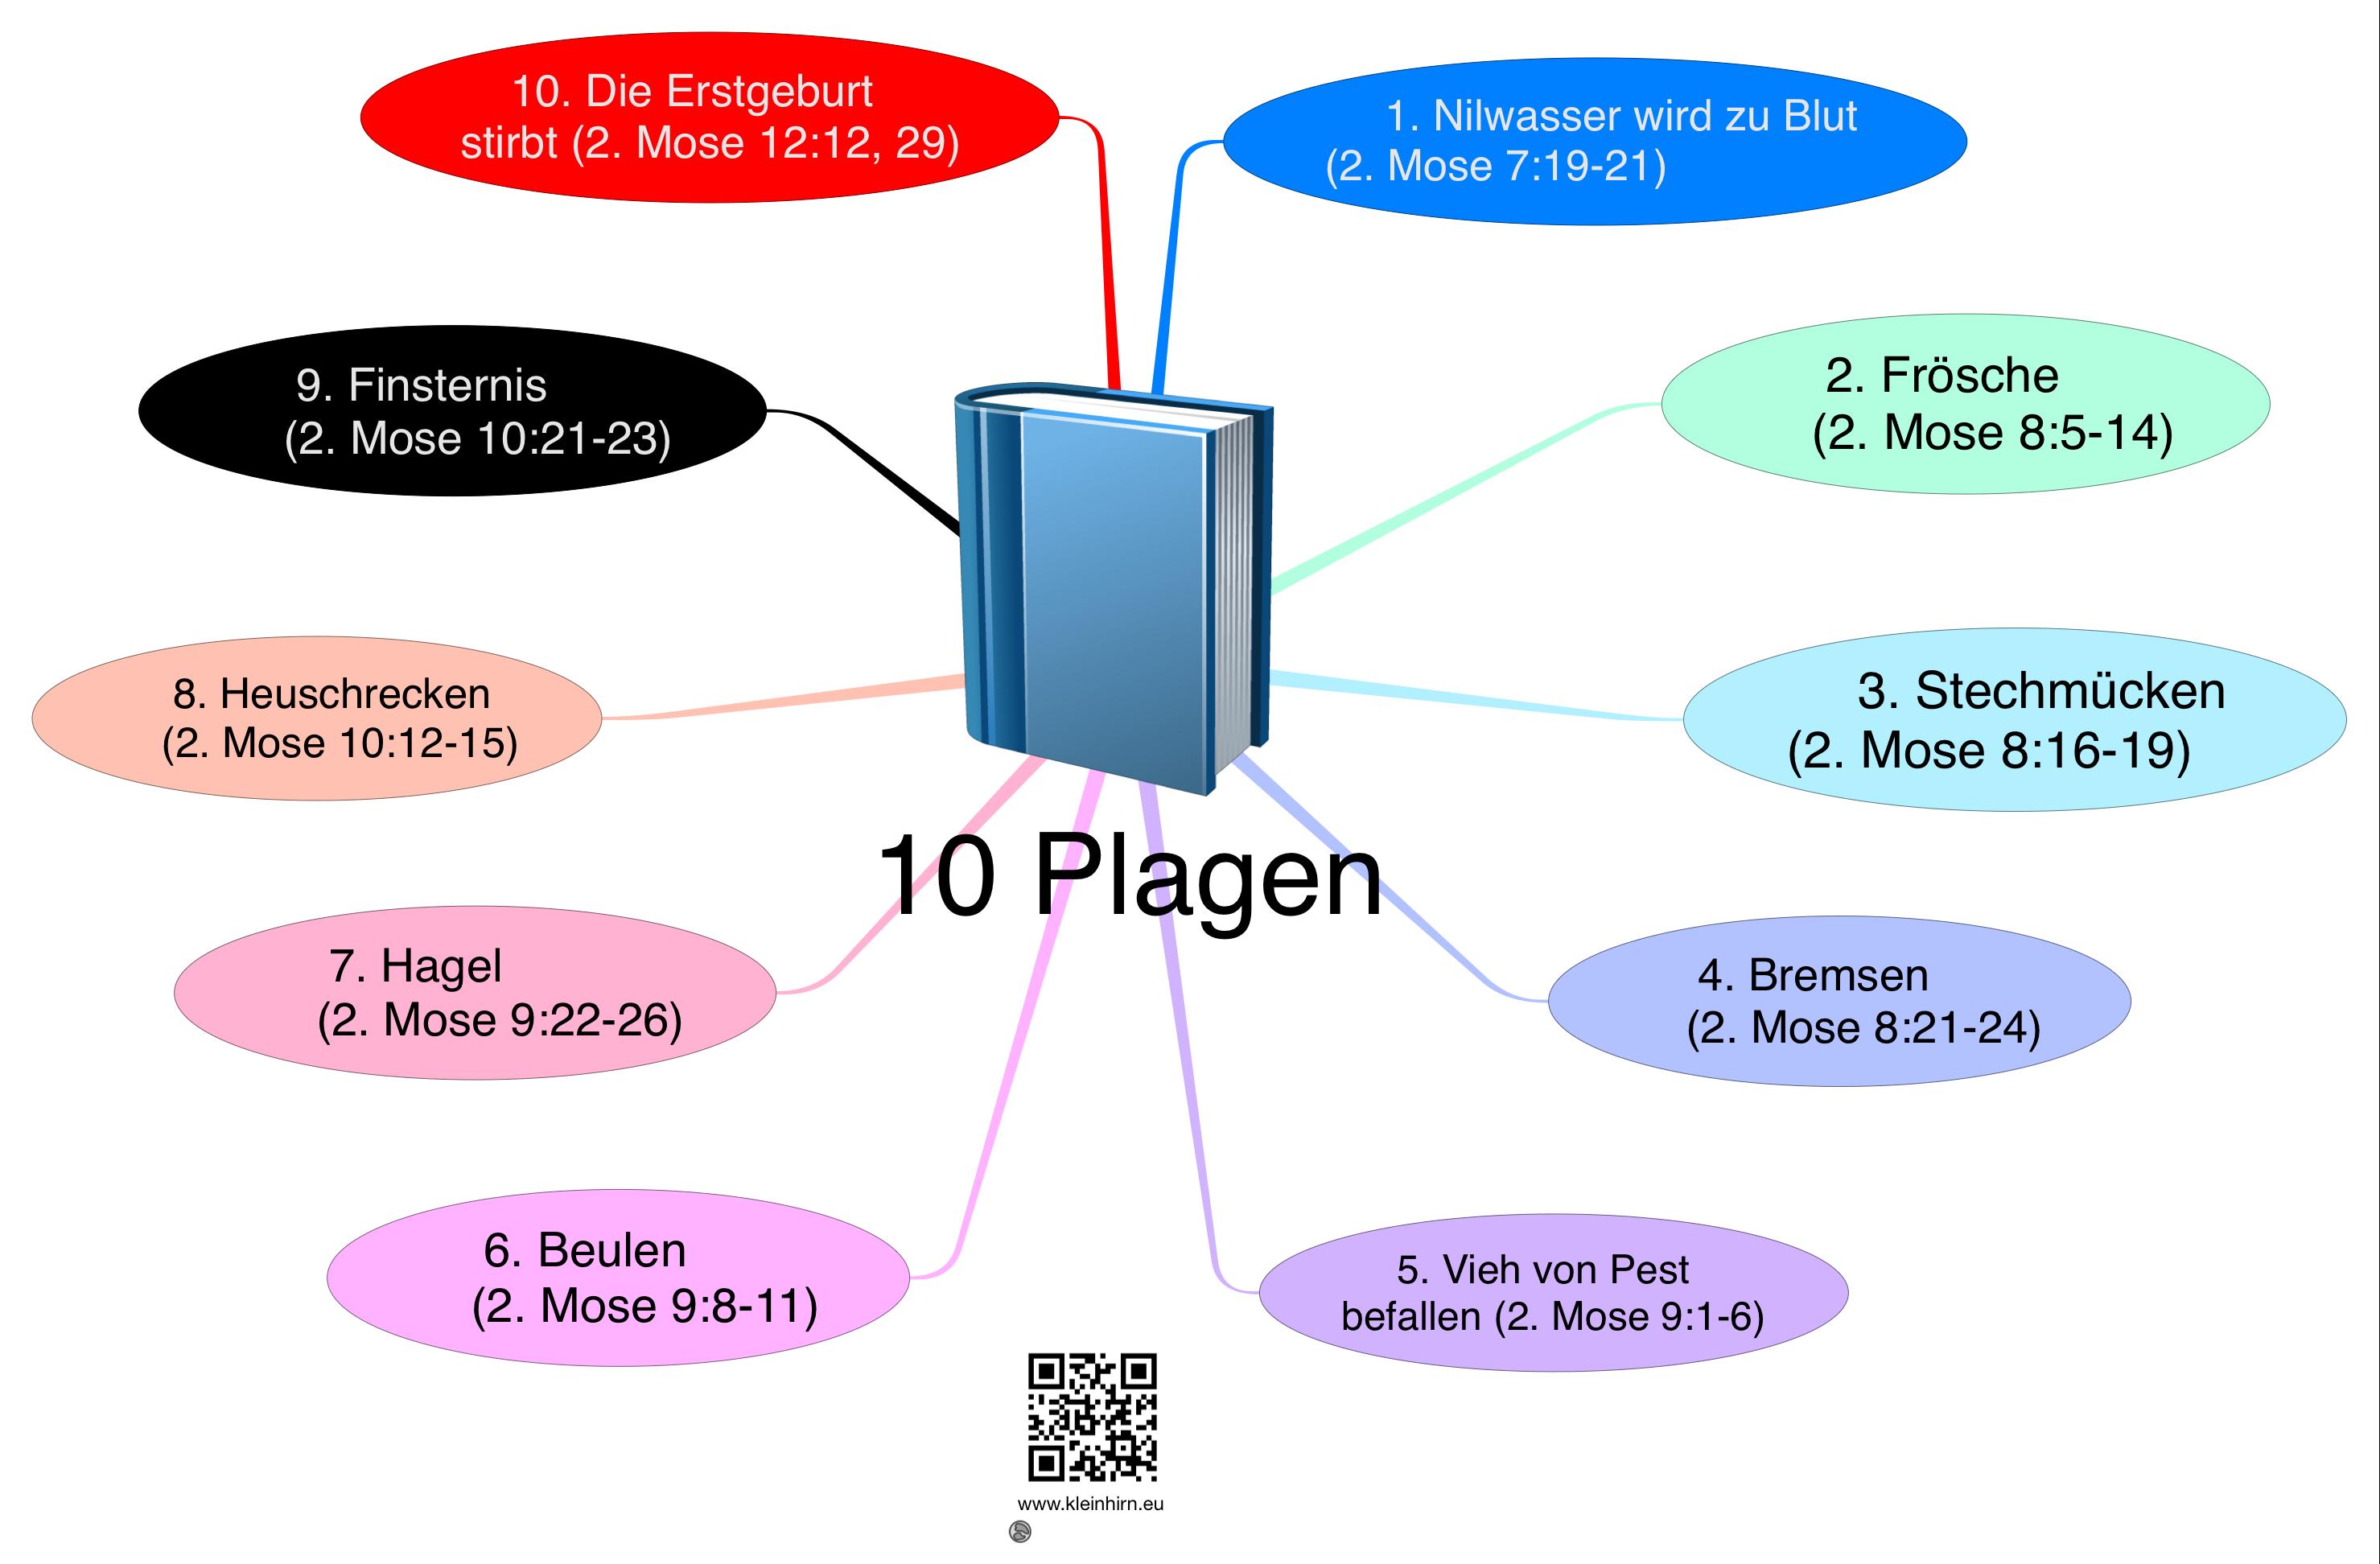 Die 10 Plagen